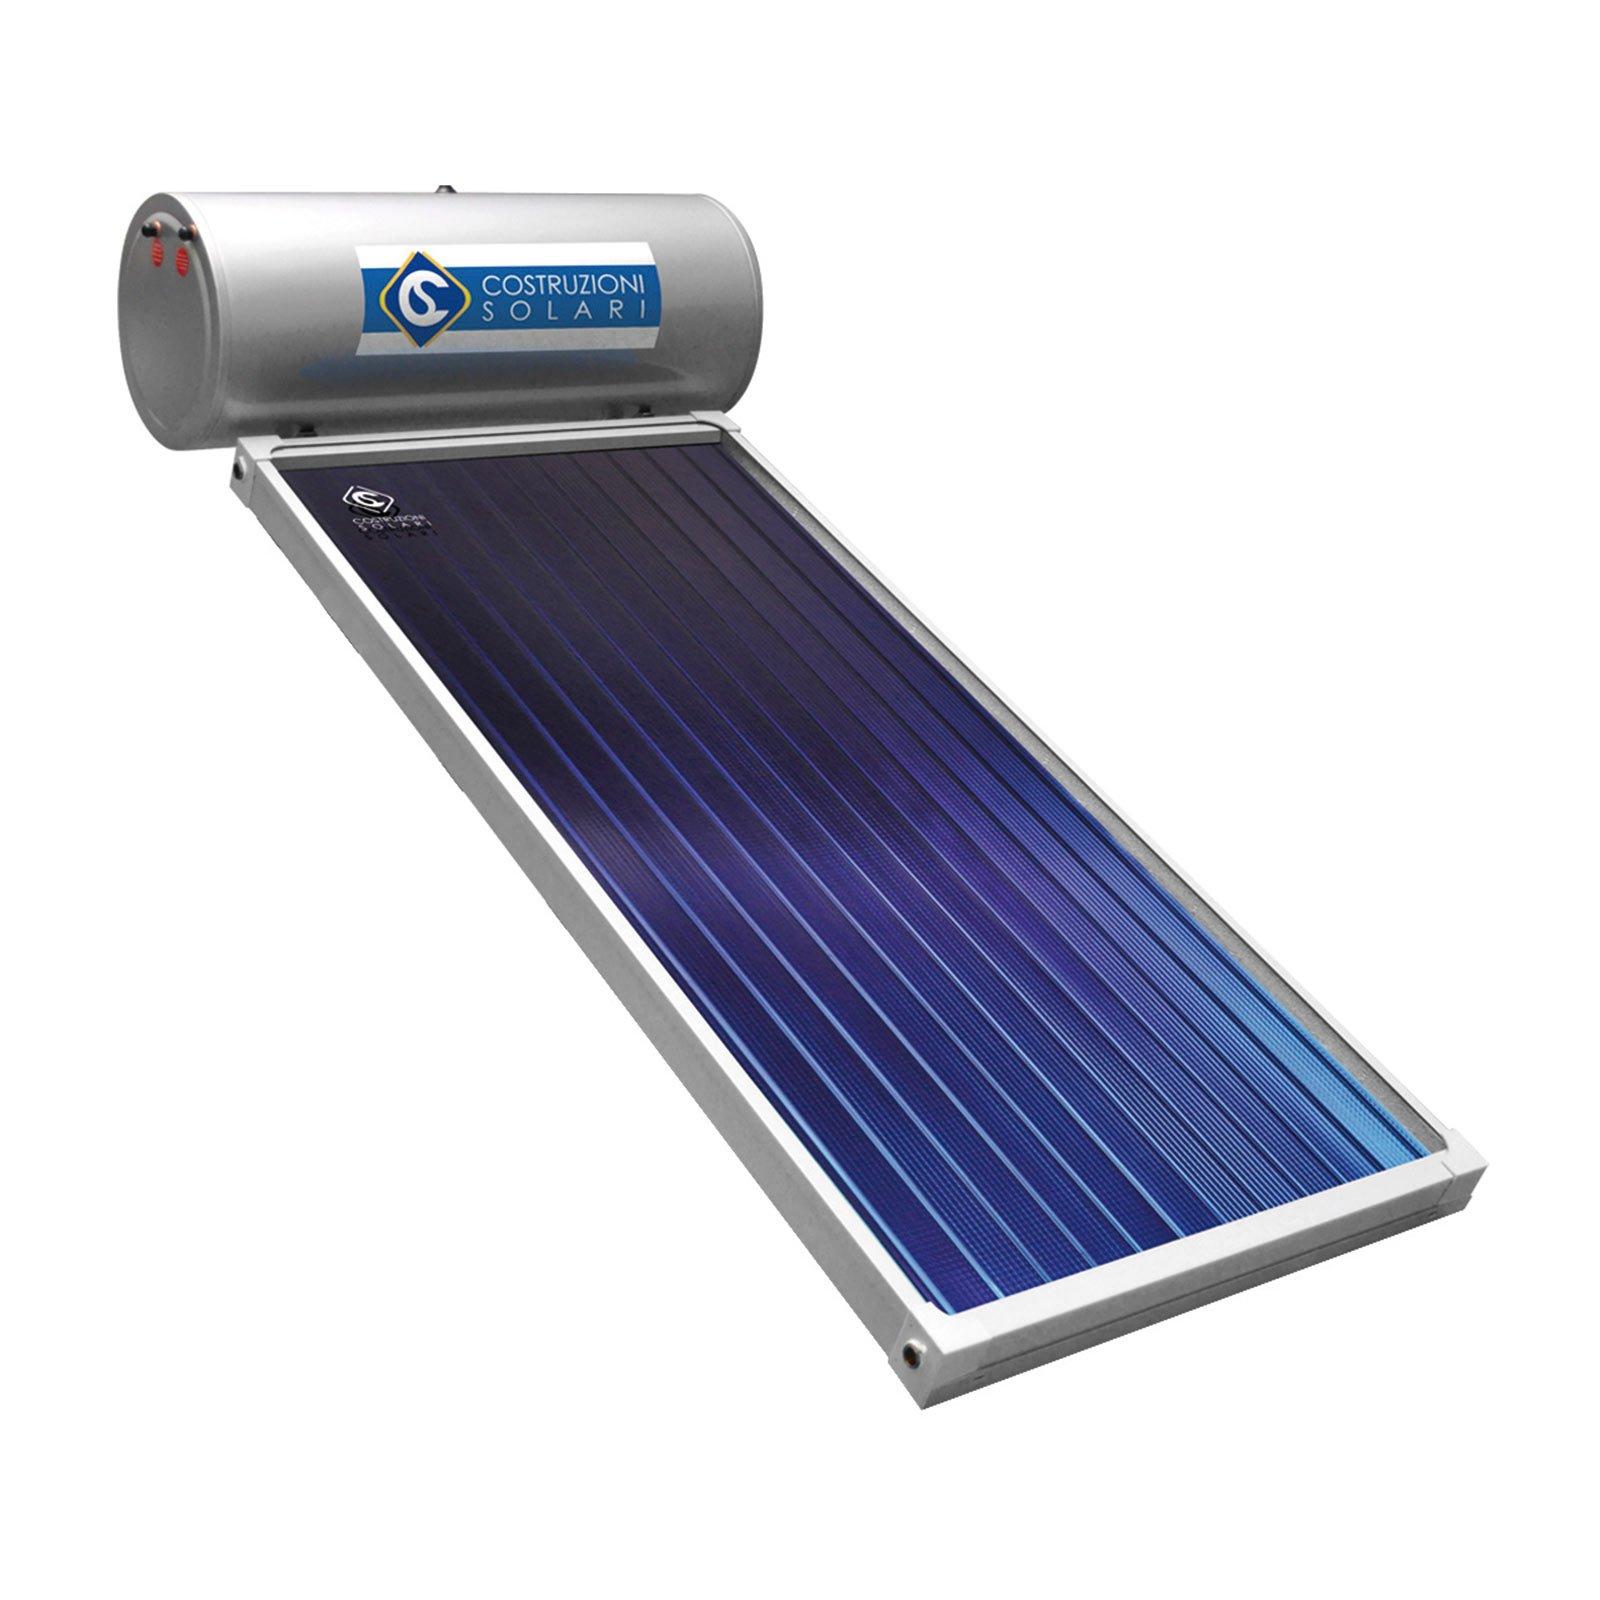 Pannello Solare Danneggiato : Risparmio e tutelo l ambiente da leroy merlin la festa